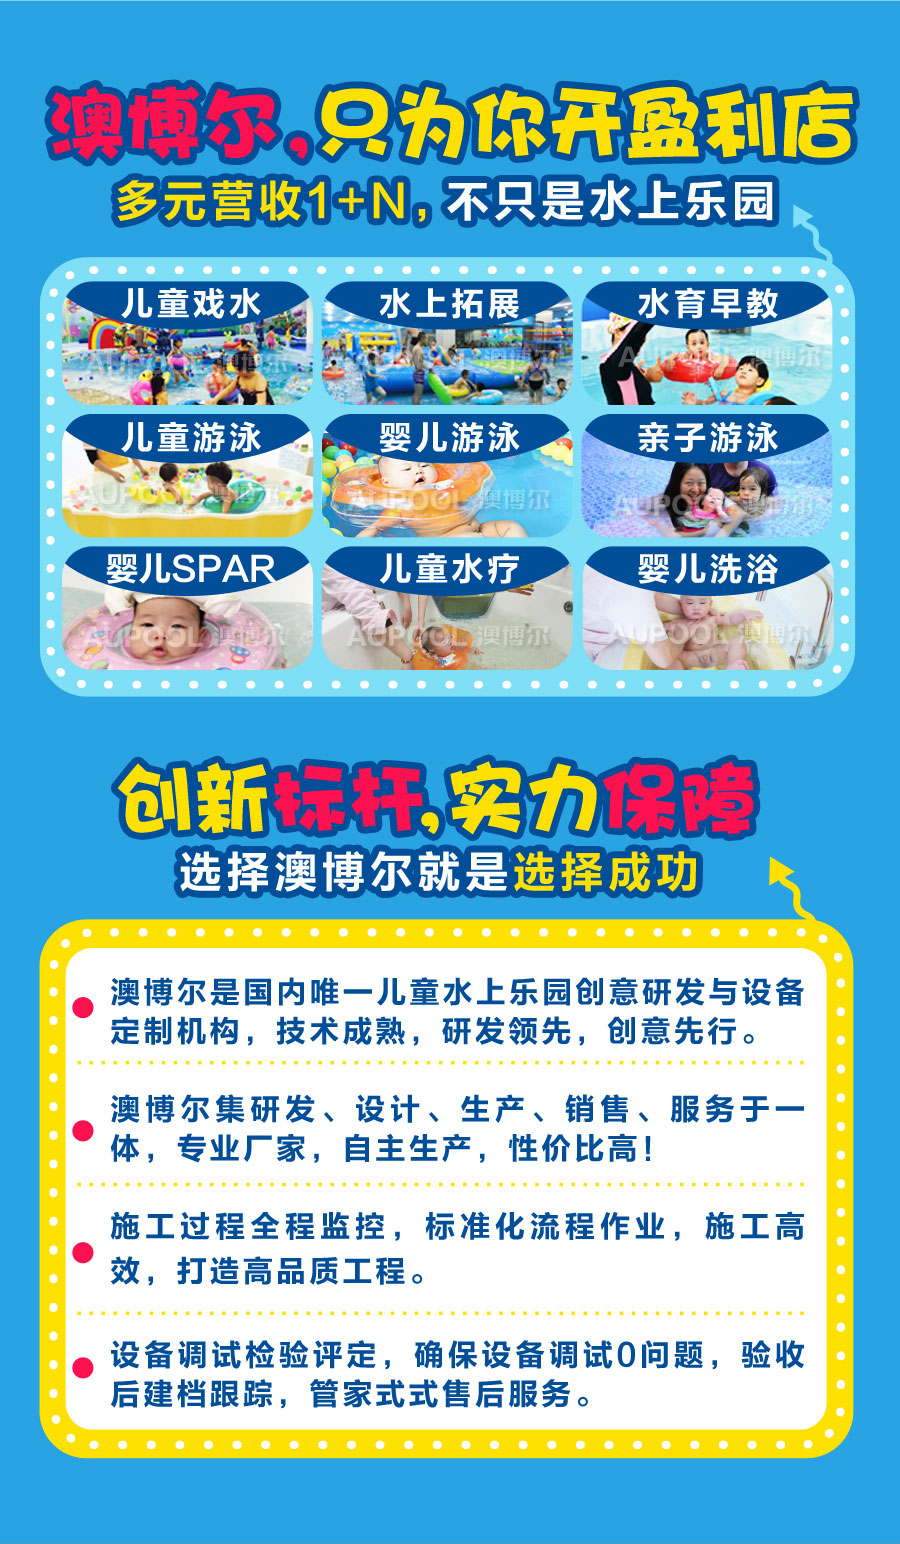 室内儿童水上乐园加盟项目